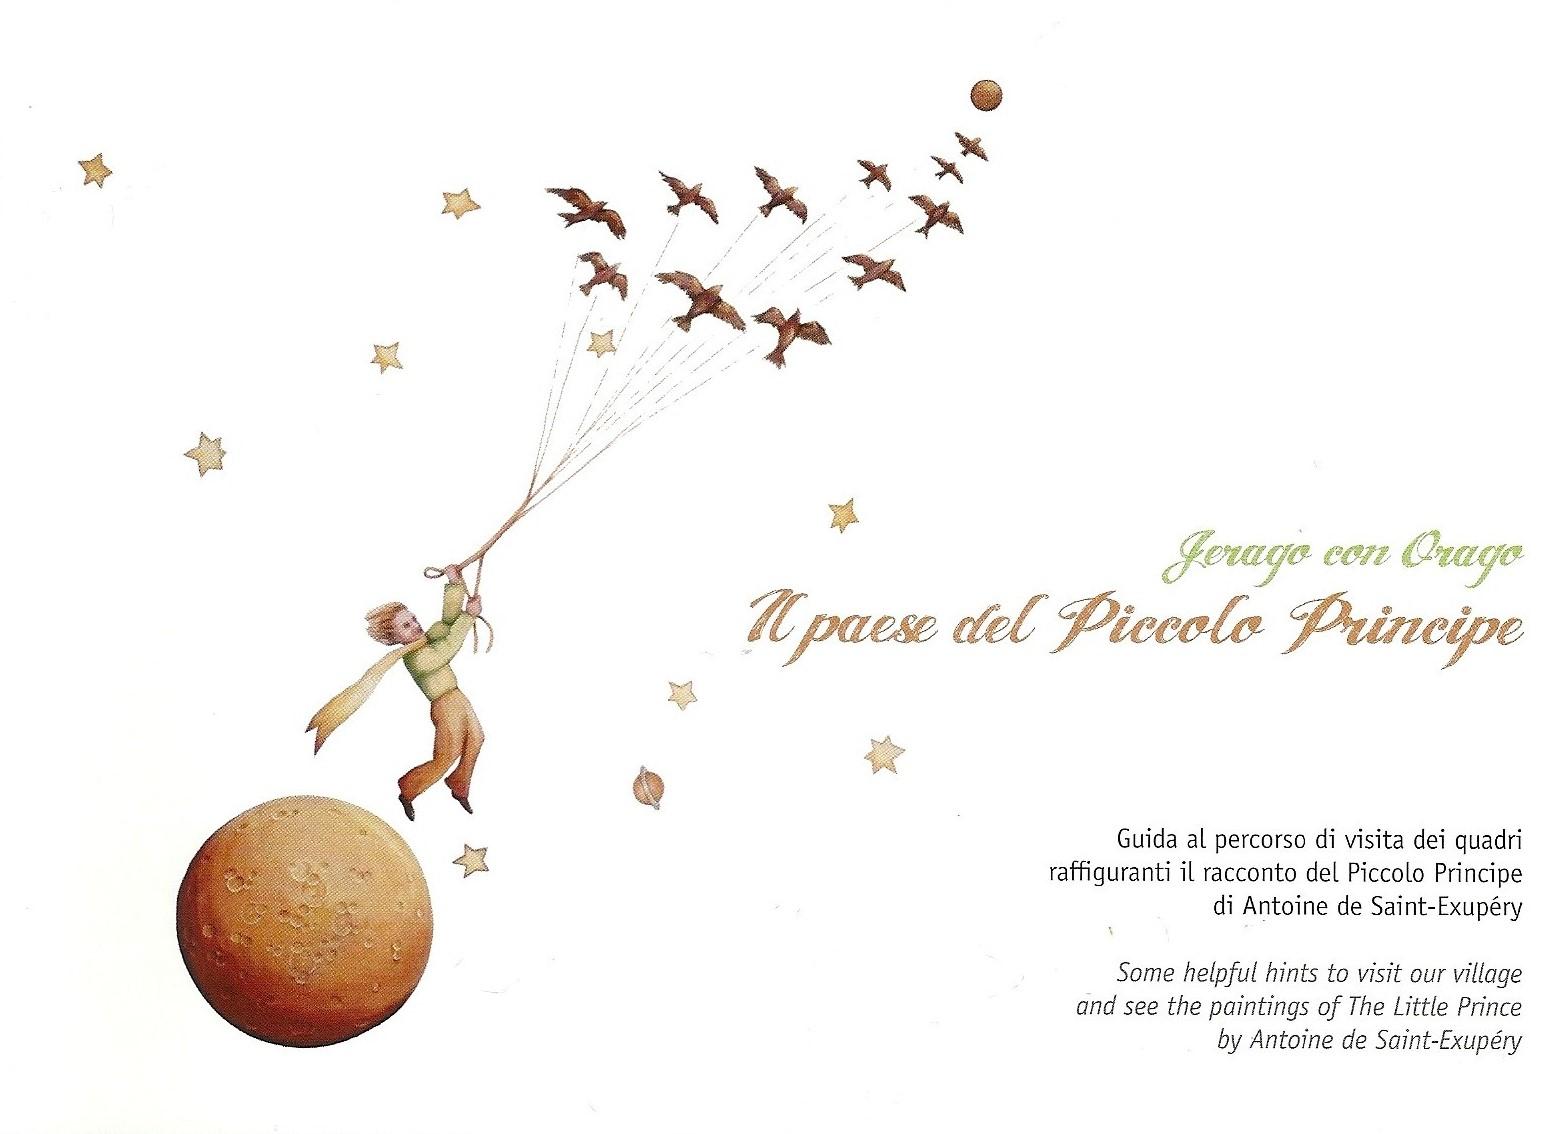 abbastanza Jasnapage: Il piccolo principe  tra le vie di Jerago con Orago PX97